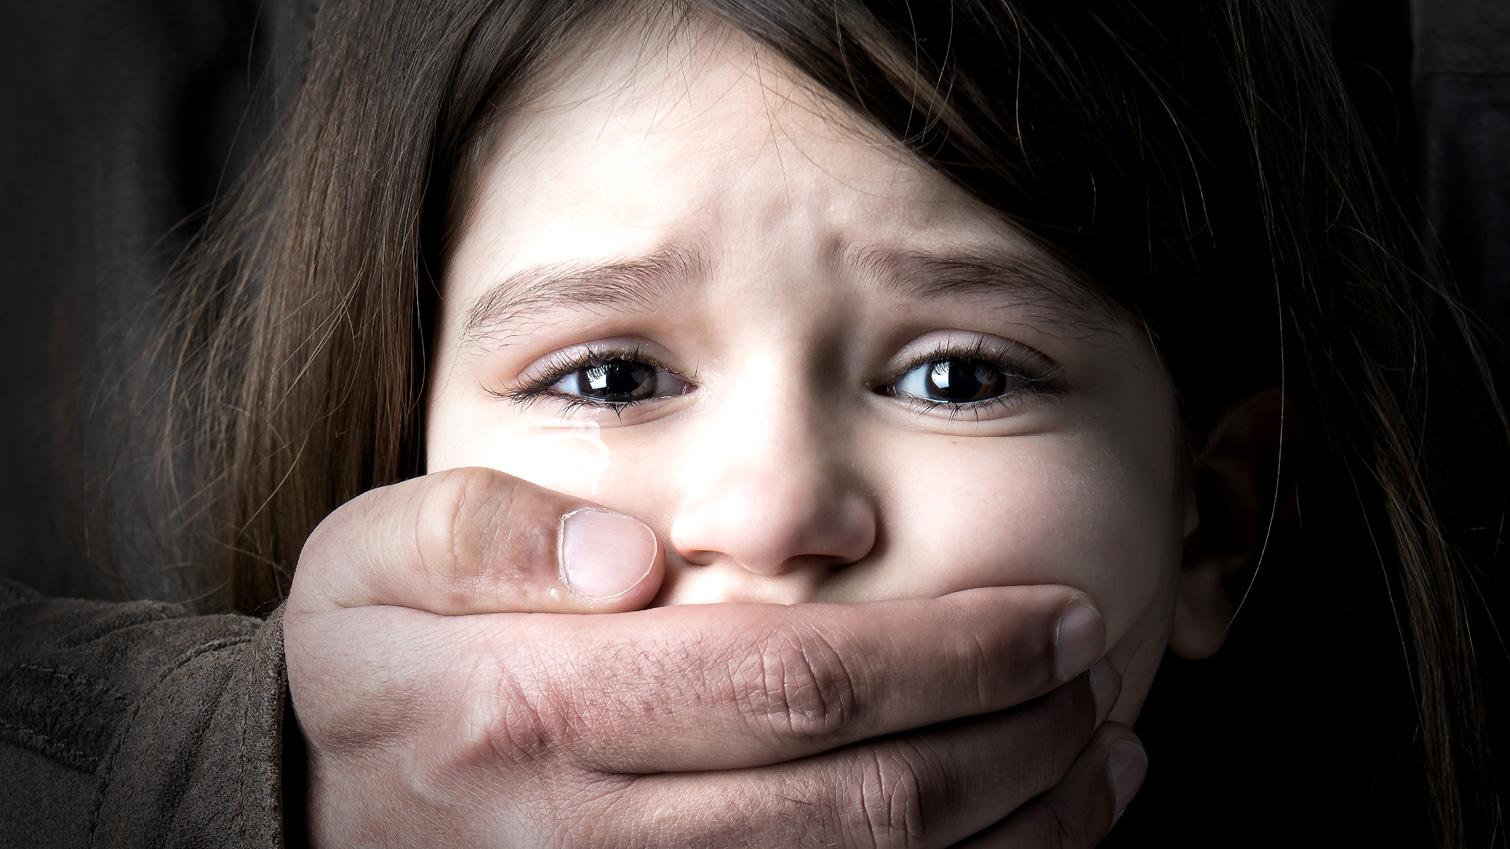 Rekaman CCTV Anak Diculik di Mal Tersebar, Ajari Si Kecil 7 Cara Menghindari Penculikan